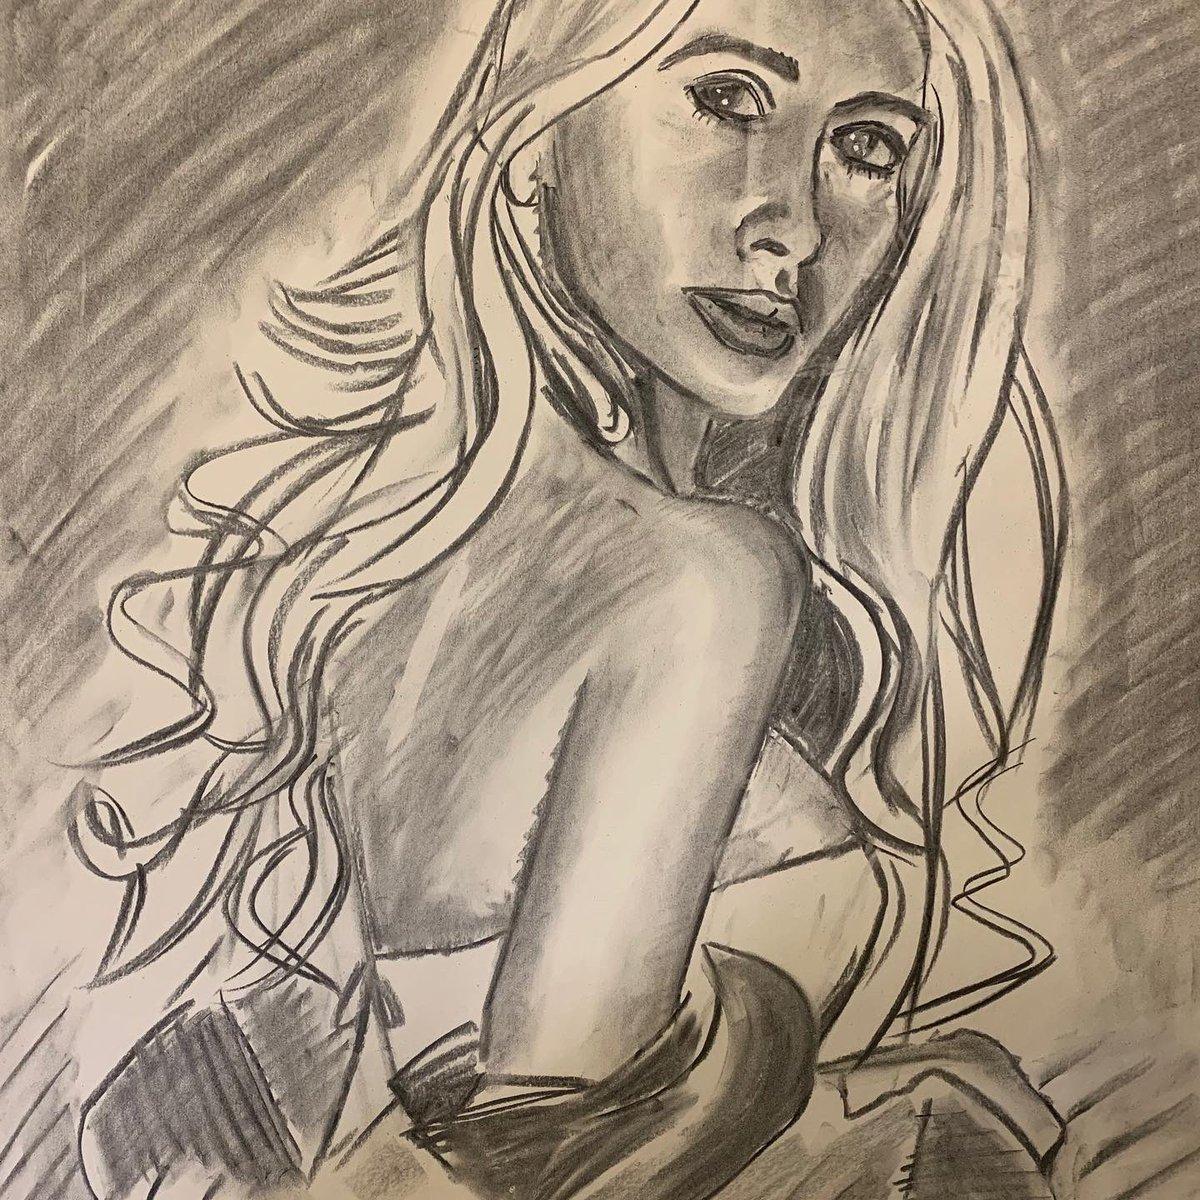 後ろ姿 Back view #sketch #croquis #charcoaldrawing #artwork🎨 #woman #肖像画 #女性画 https://t.co/7Ow7GyoEA5